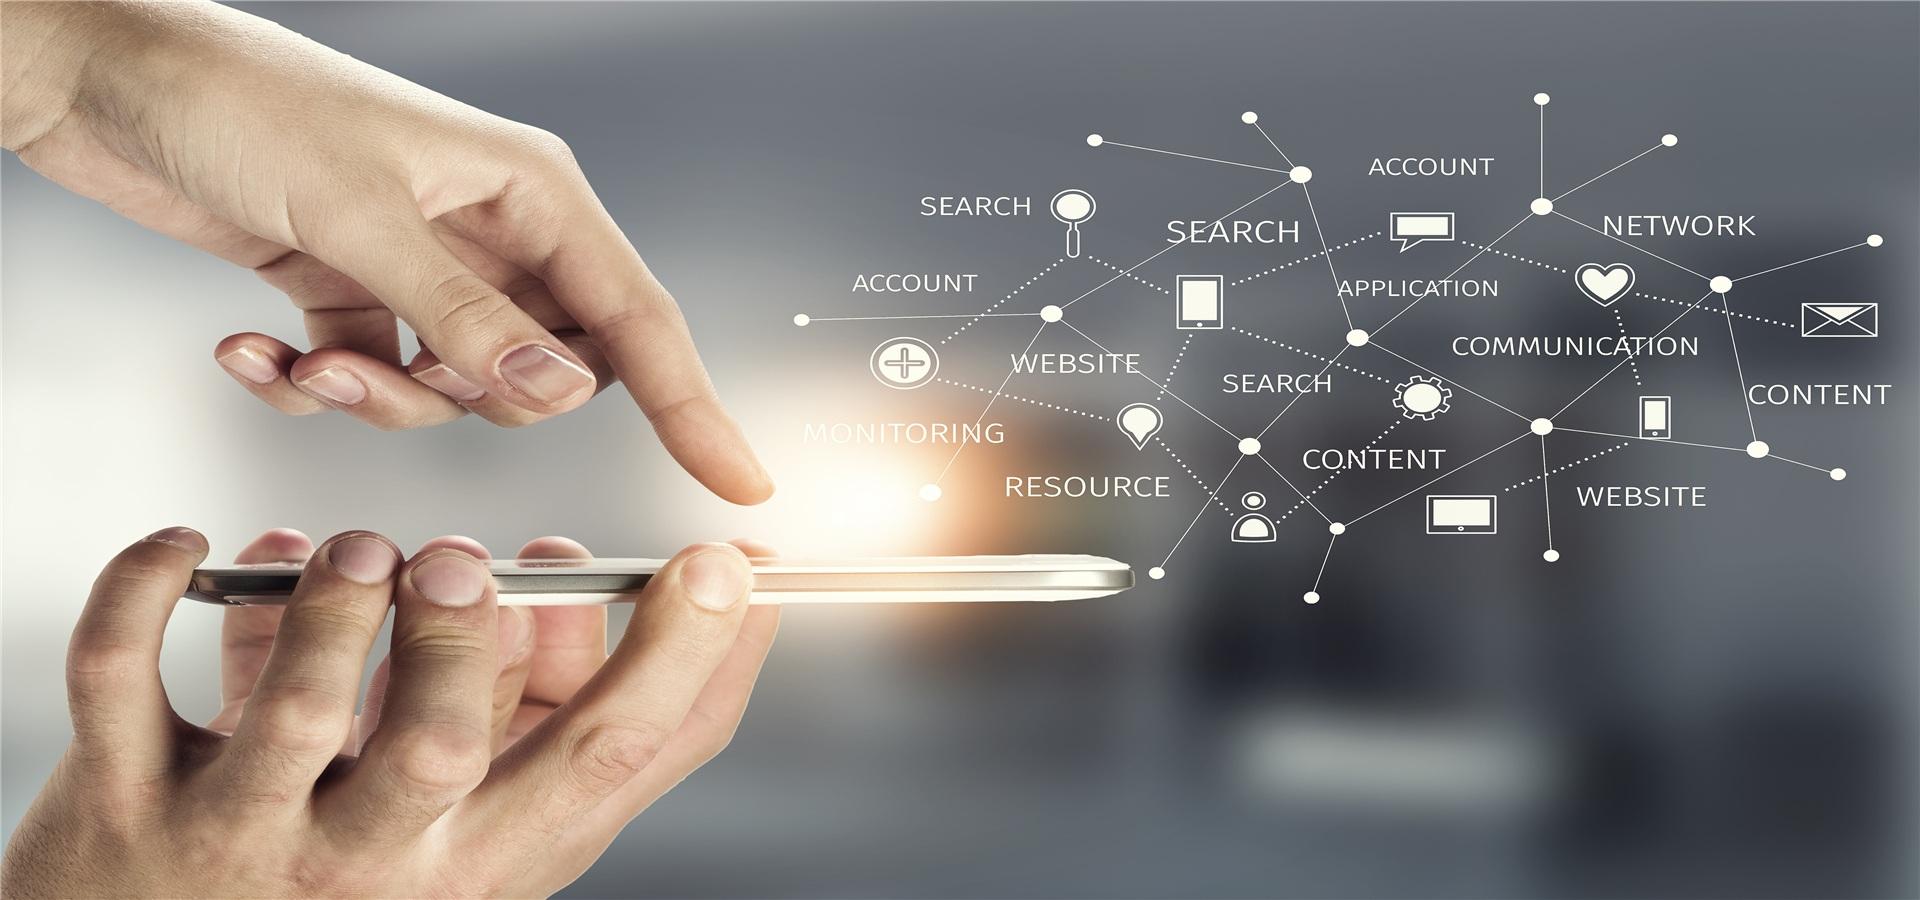 Soluciones de Comunicación para su Empresa